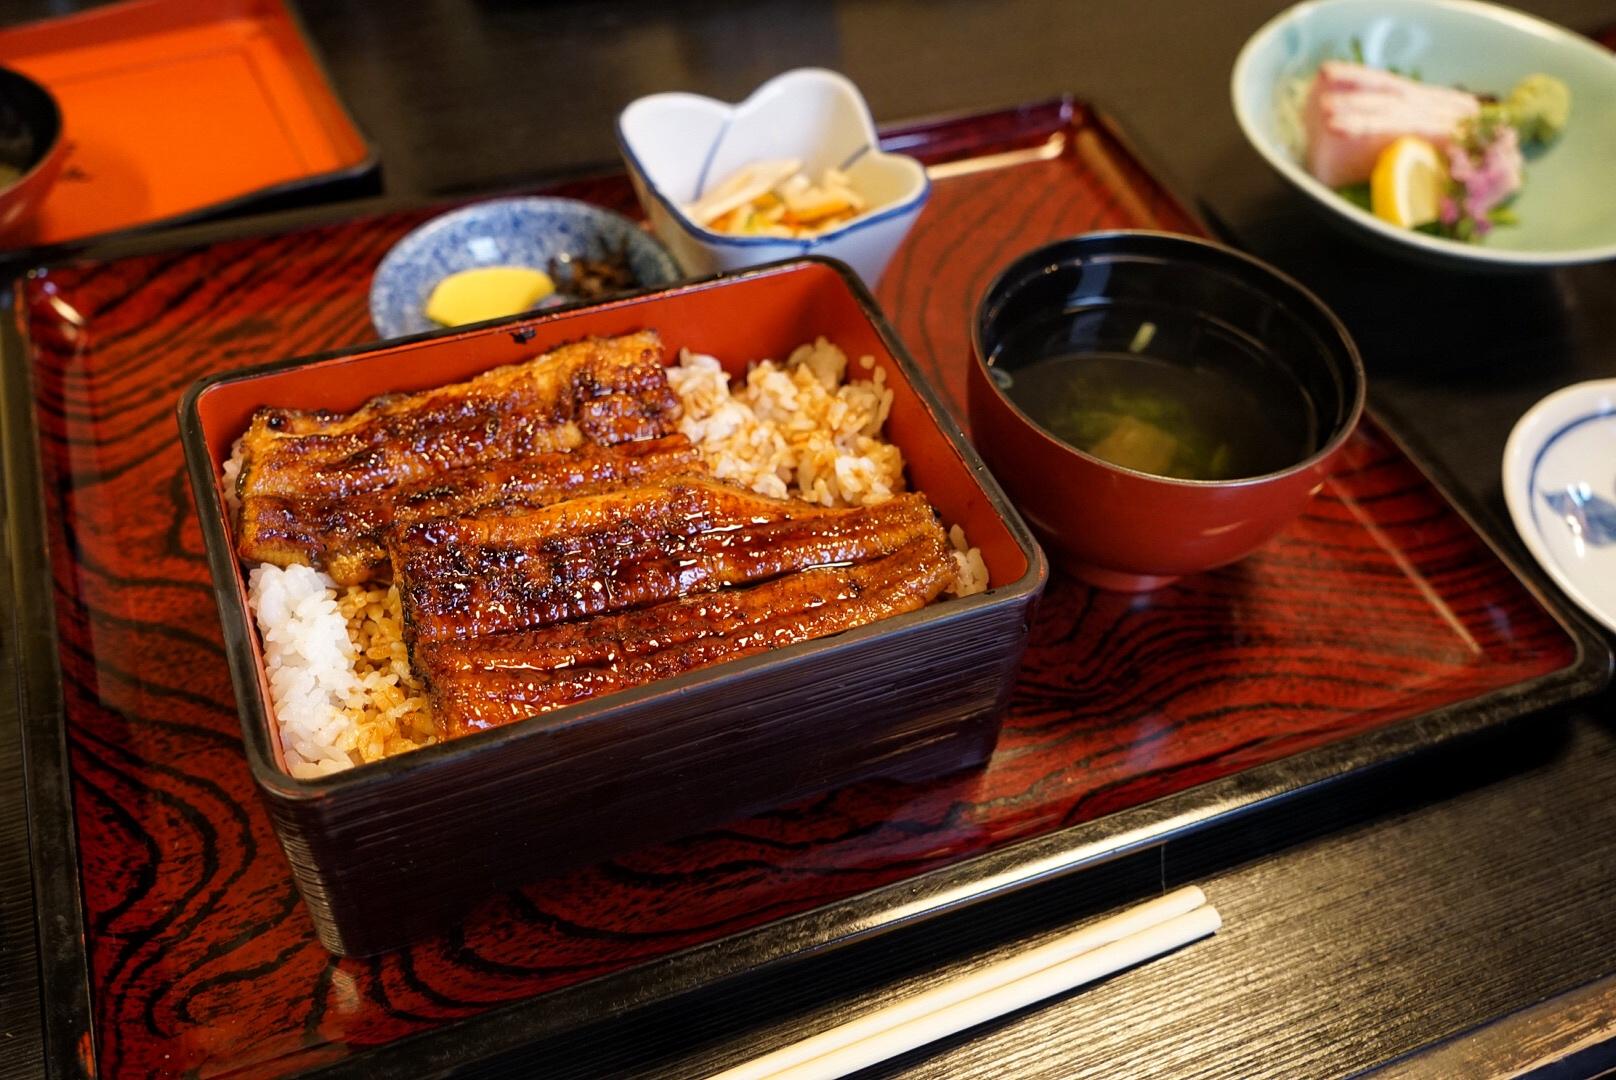 京都でおいしい鰻を食べるなら?医食同源・美食同源を掲げる名店「舞坂」